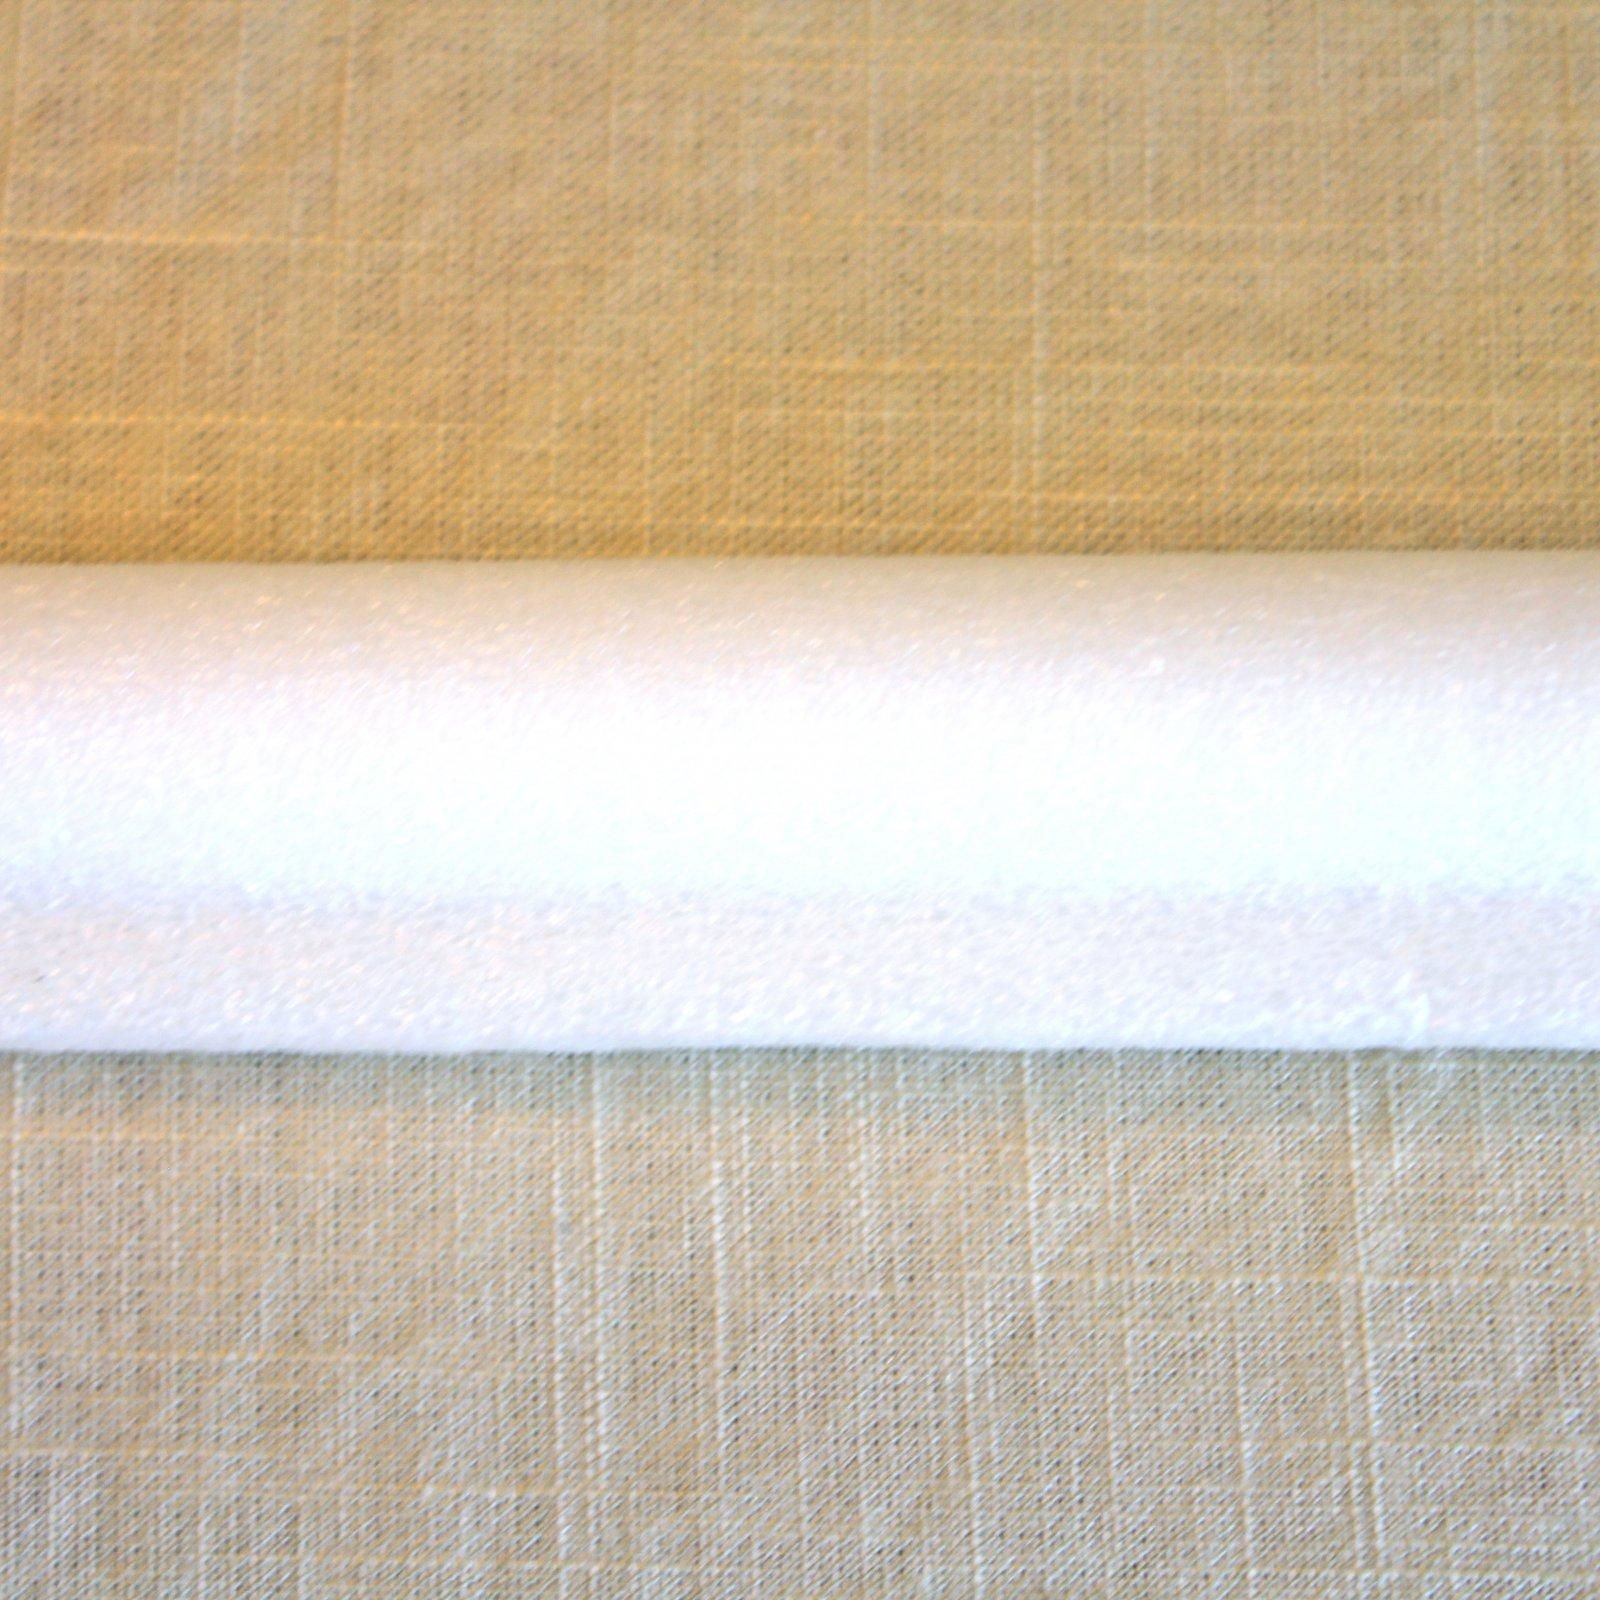 Foam Edge Roll